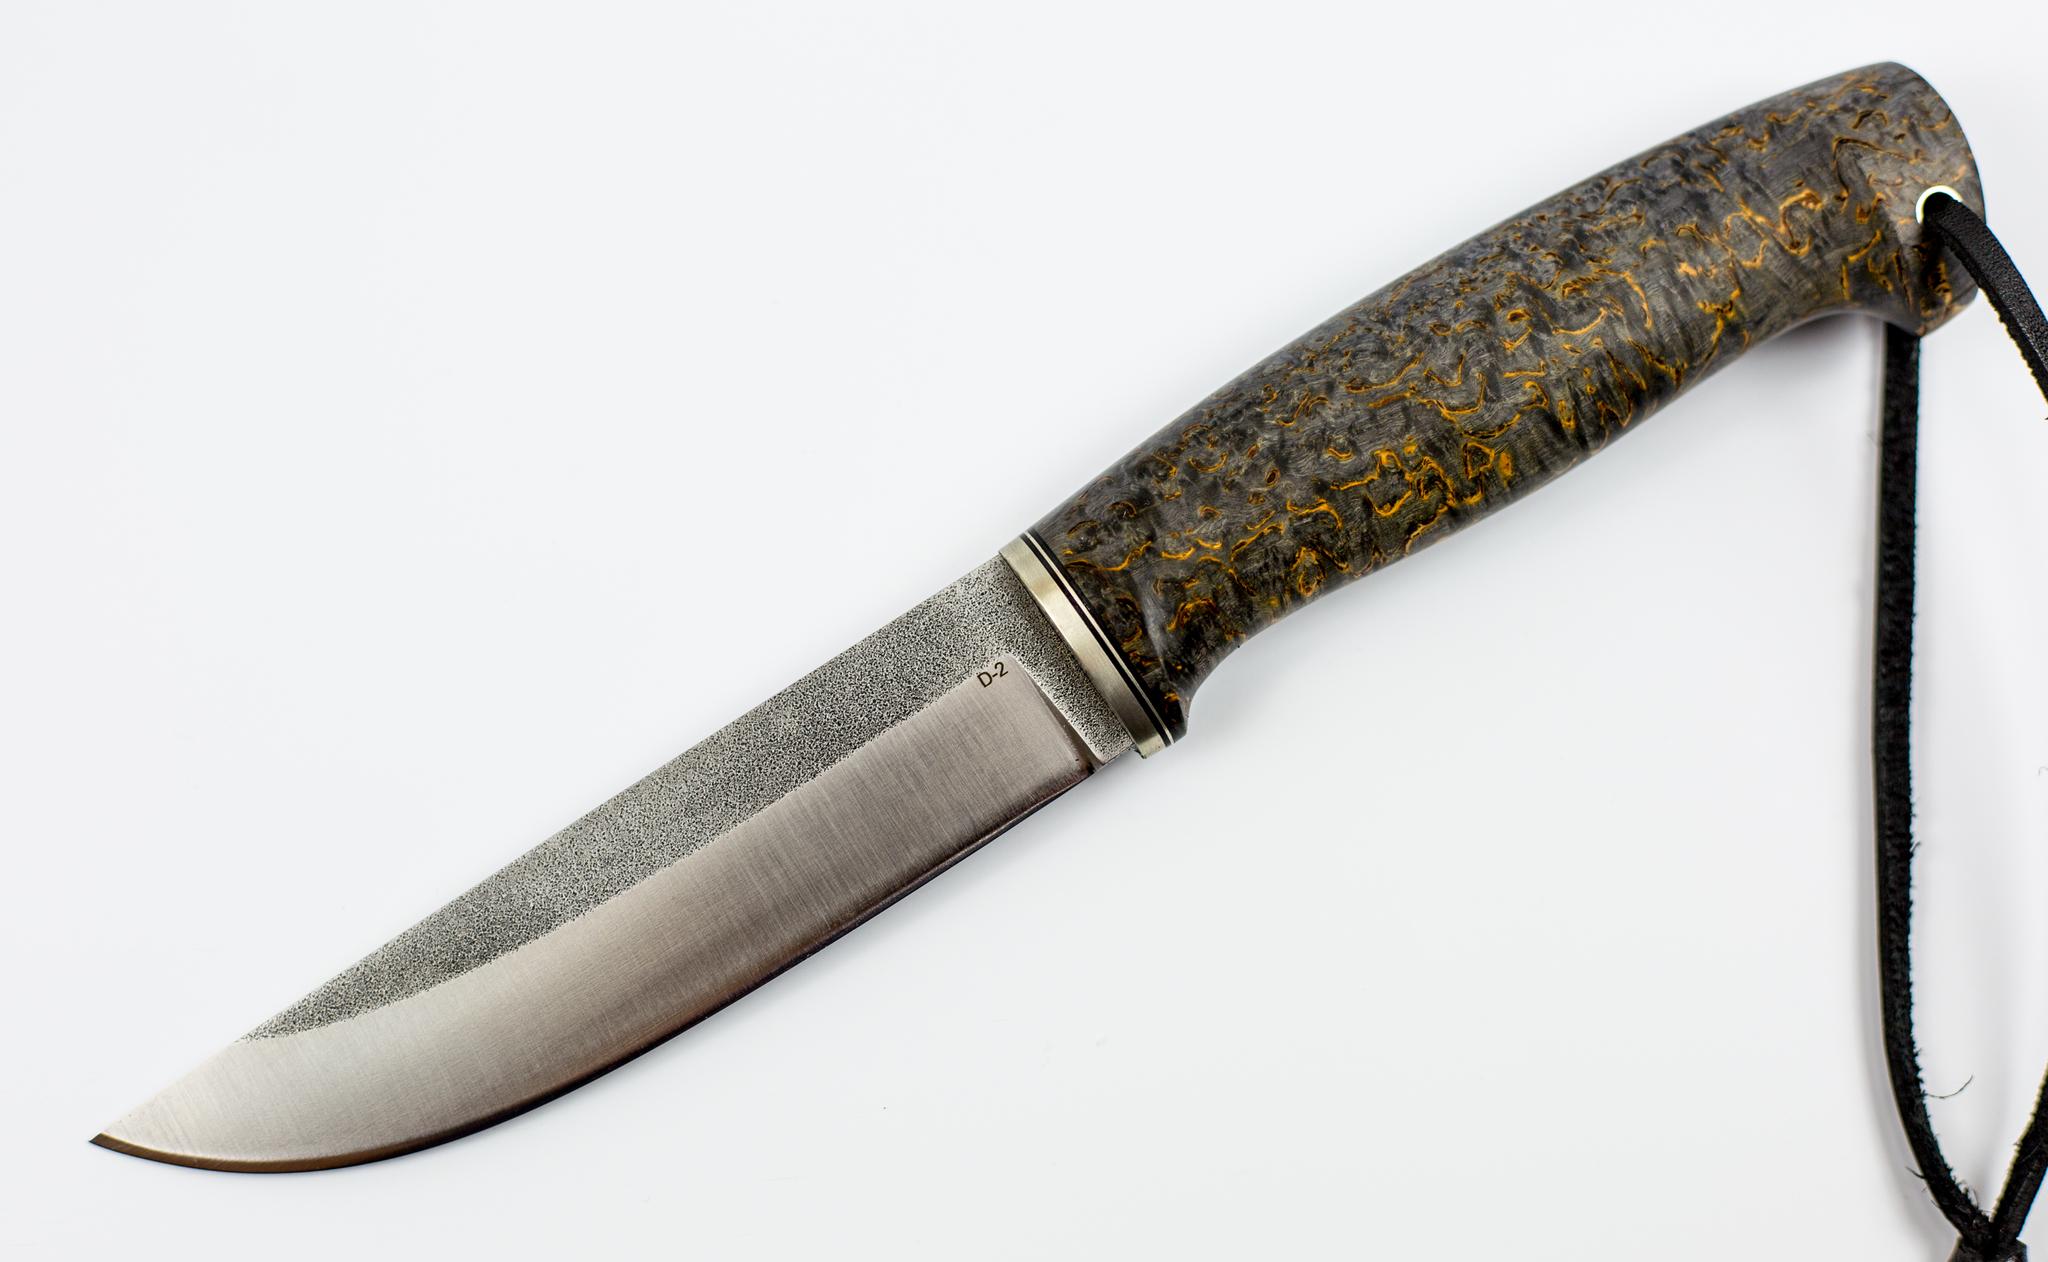 Нож Лиман, сталь D2, стабилизированная карельская береза зубр эксперт 25286 h30